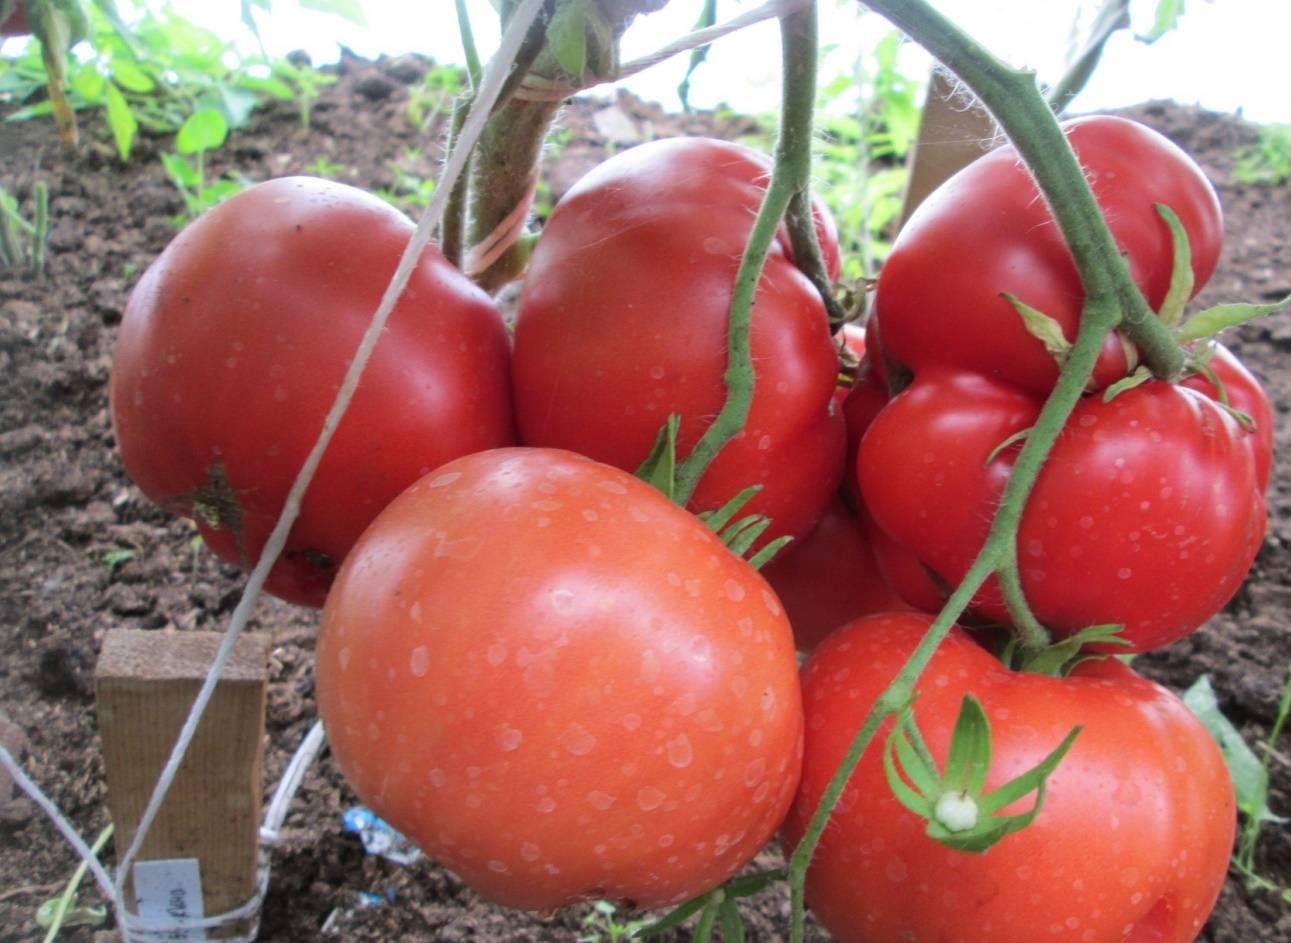 Томат пузатики: характеристика и описание сорта, уход и выращивание с фото